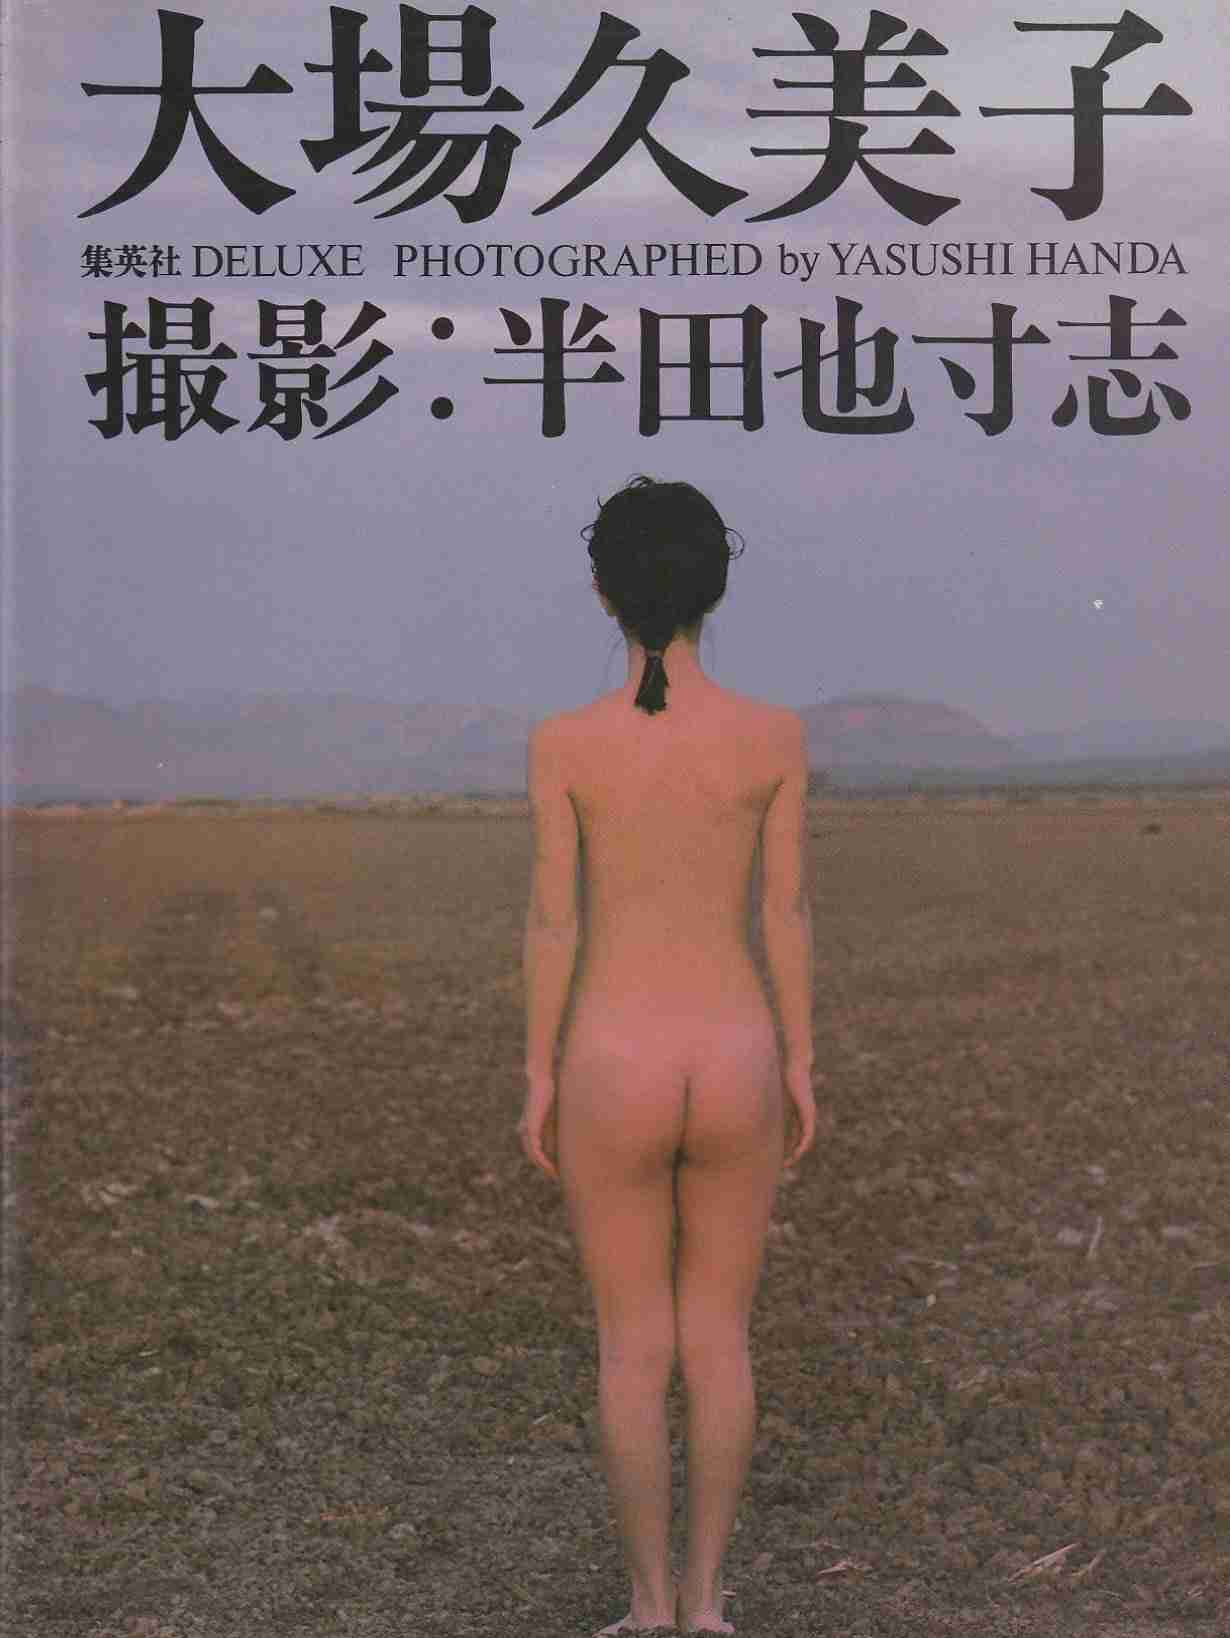 大場久美子、「還暦グラビア」目指し本気の筋トレスタート 50代でビキニ写真公開し反響